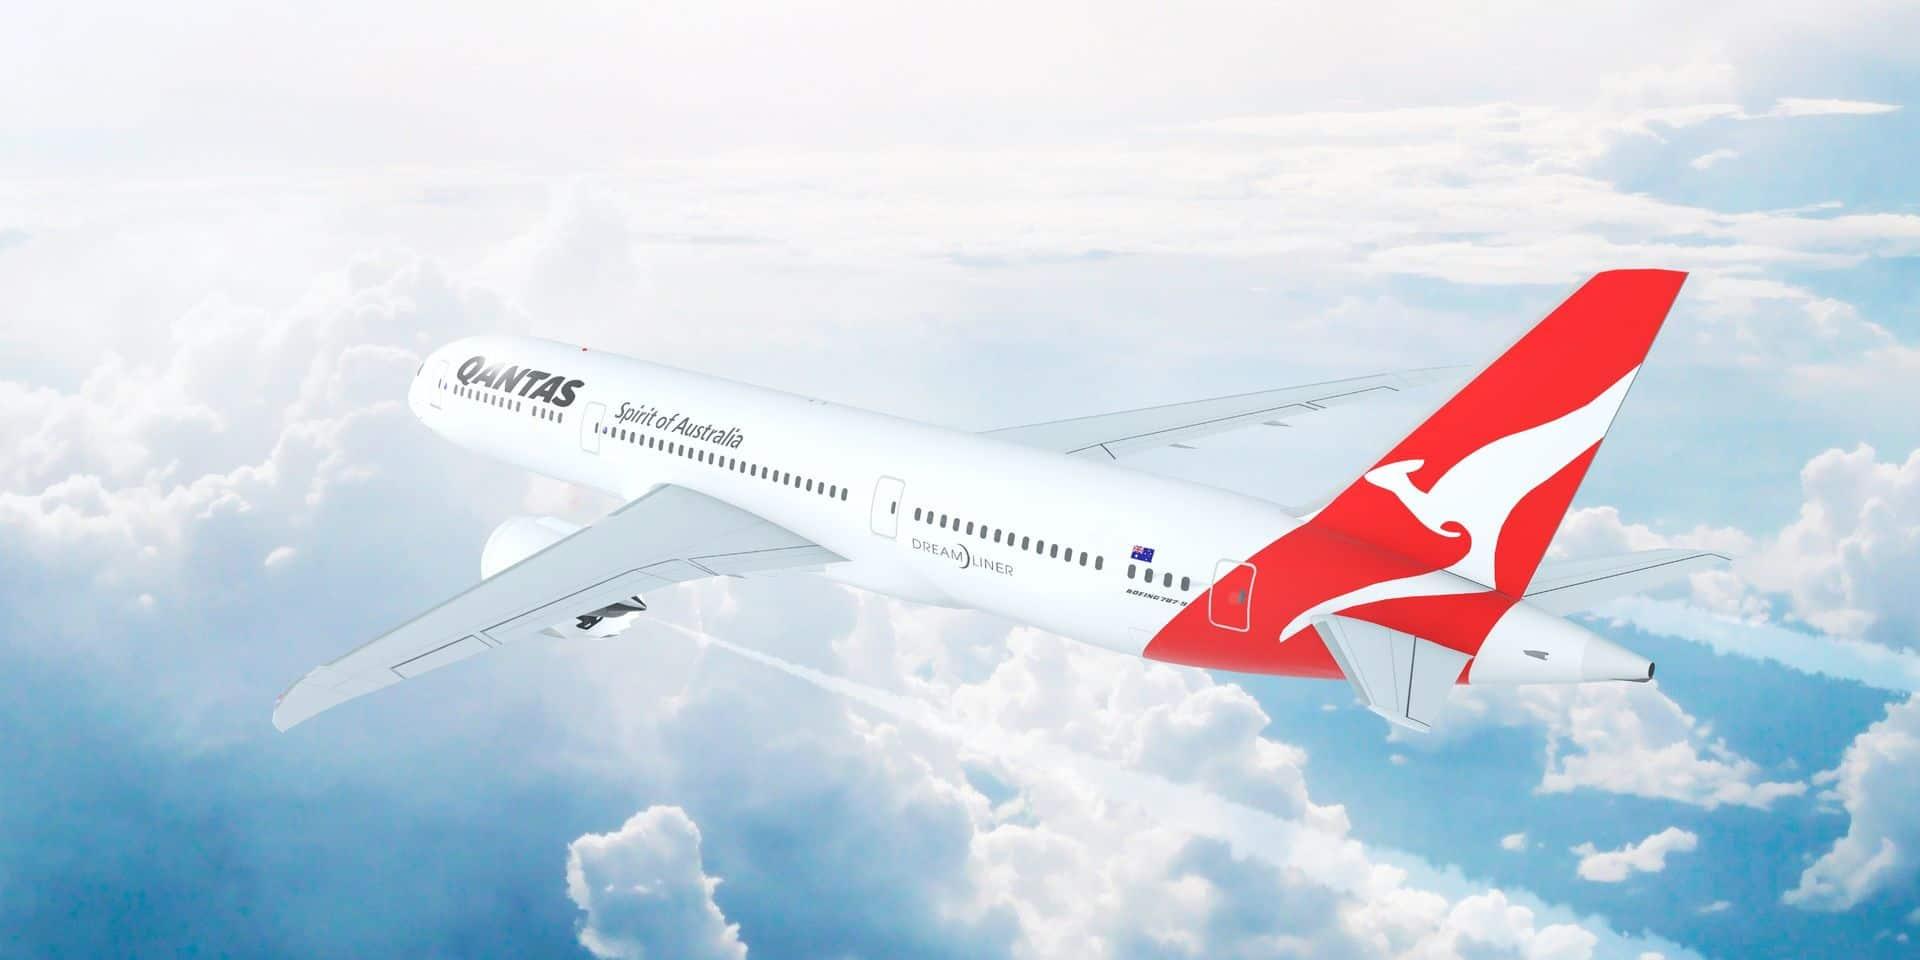 Une compagnie aérienne propose un tour d'Australie en avion